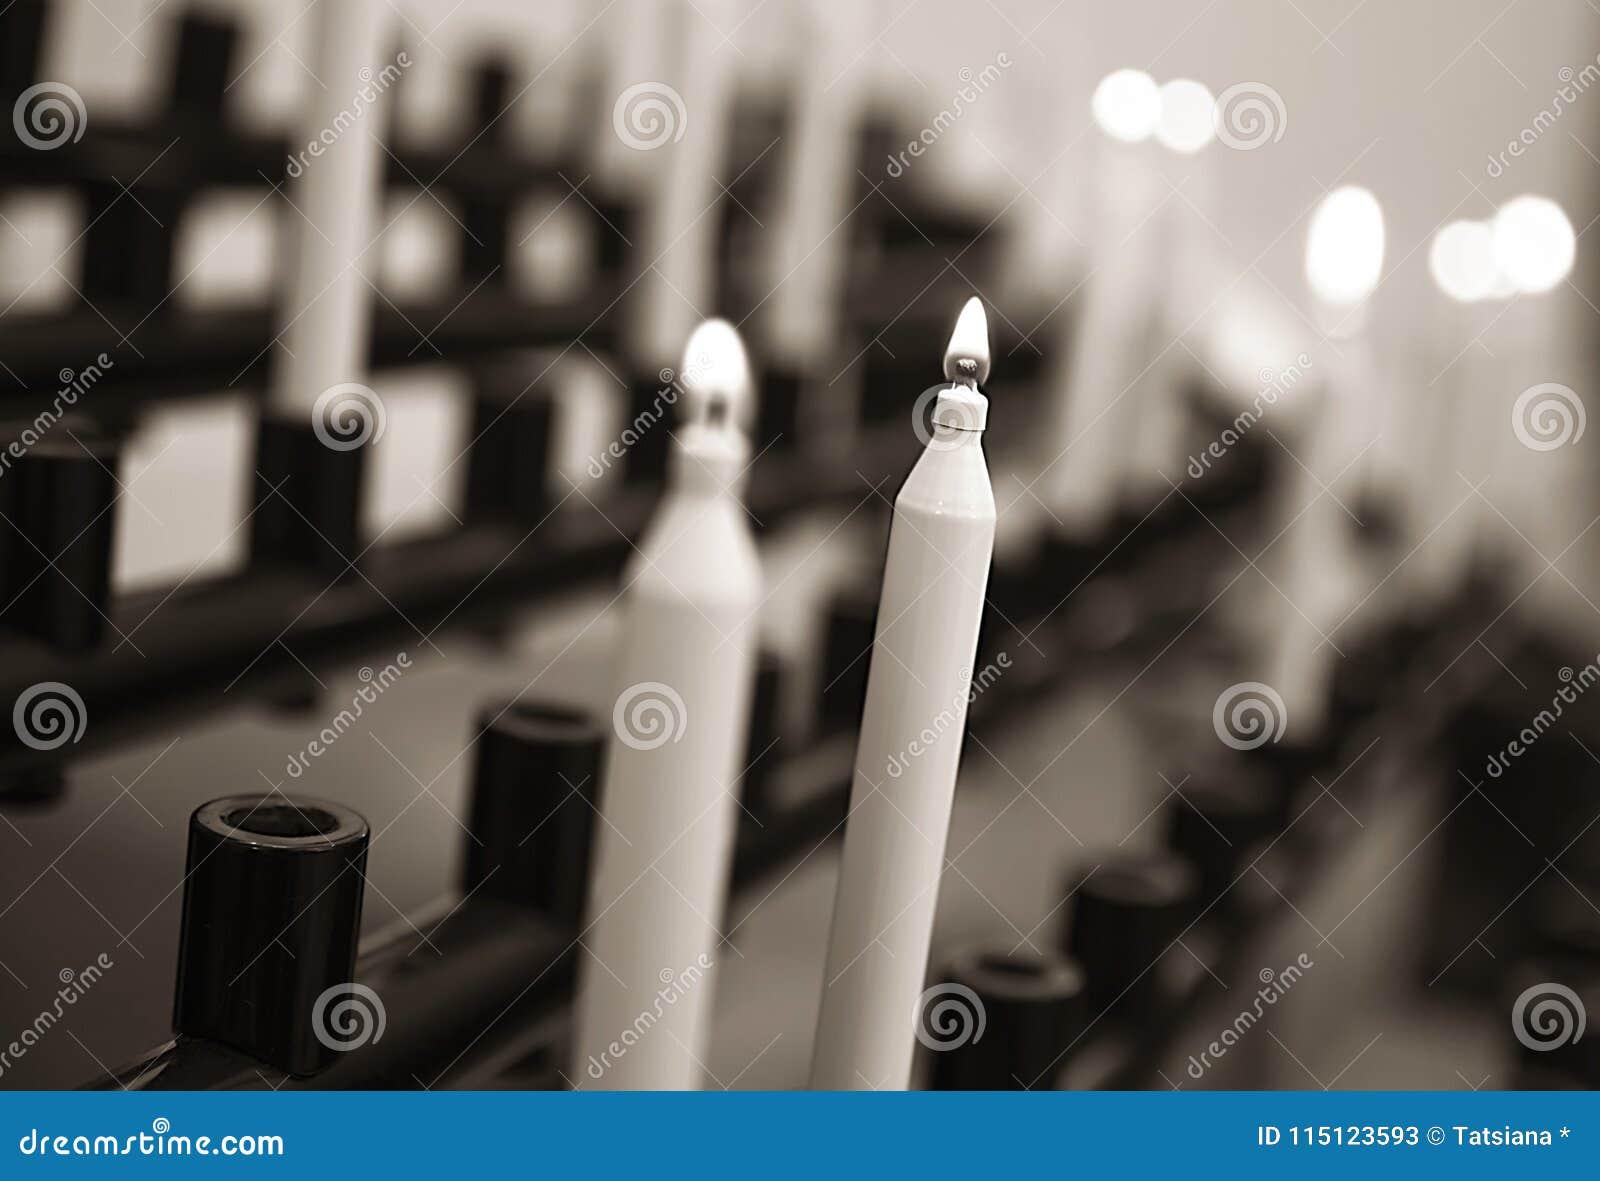 Bougies allumées dans le temple, tradition religieuse, prière, un symbole de communion avec Dieu